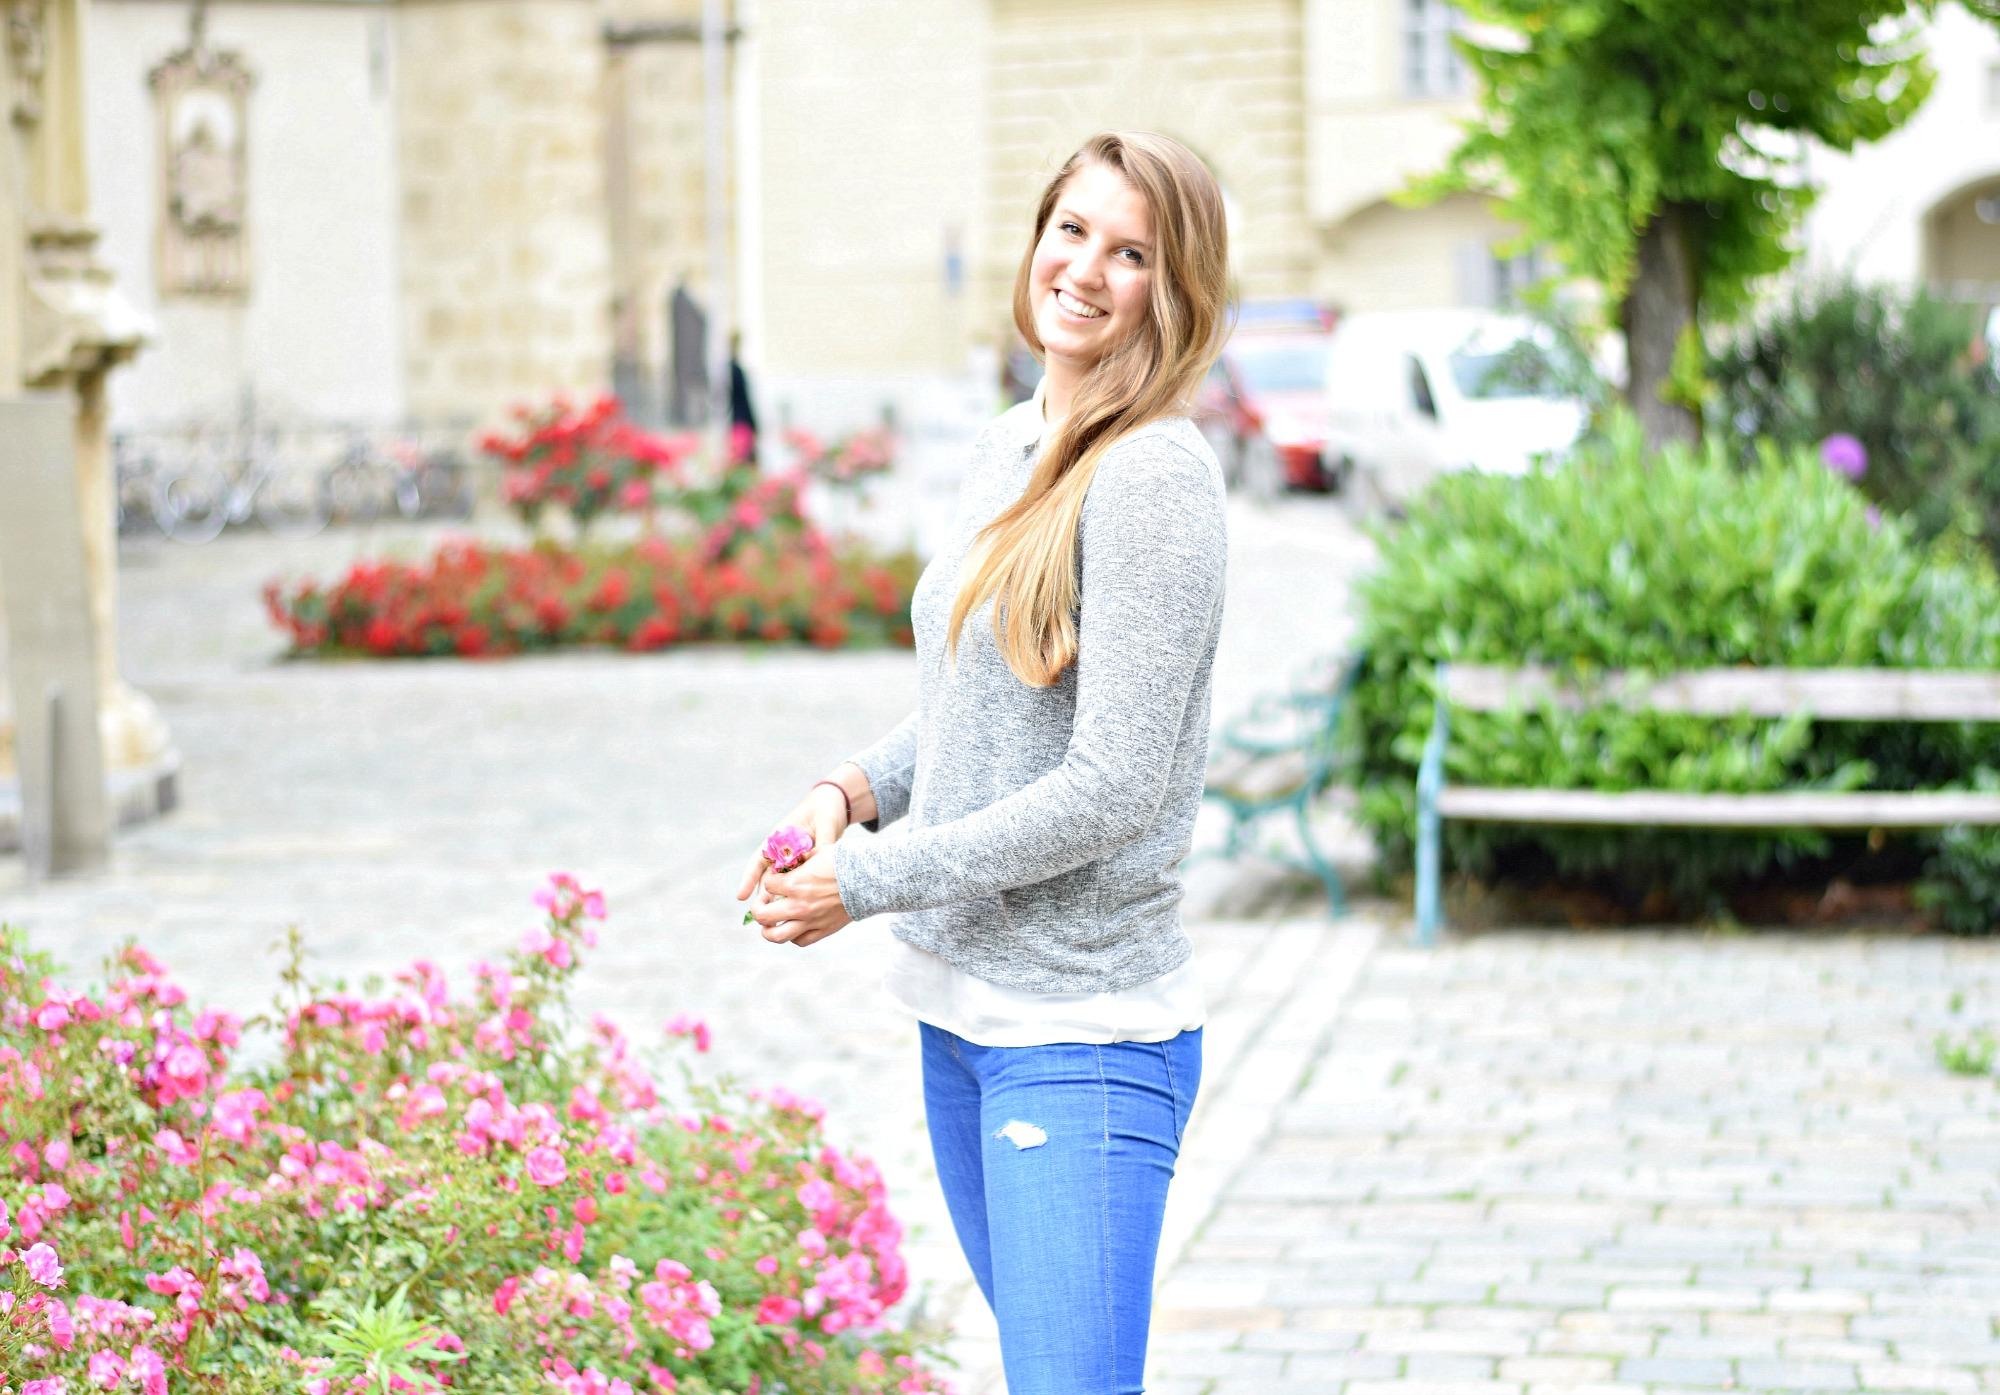 Klara-Fuchs-Fitnessblog-Österreich-Life-Coach-Inspiration-Blogging-Blogger-gesundheit-sport-3